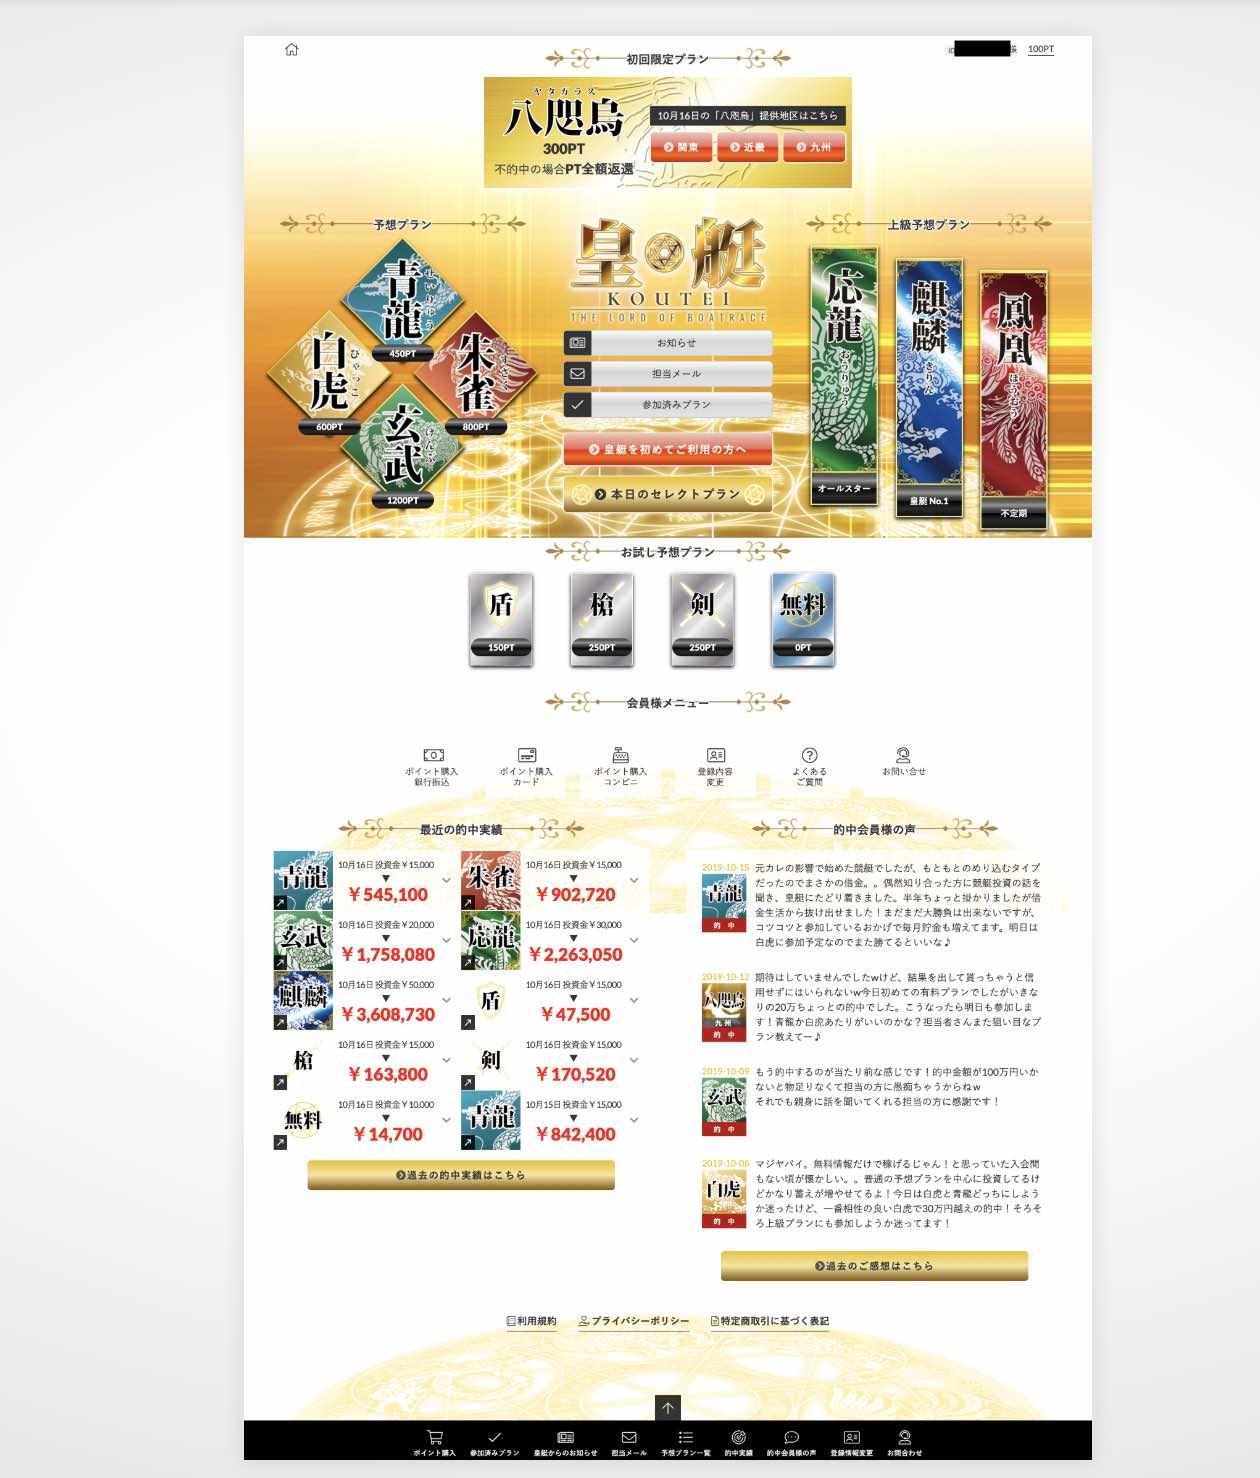 皇艇という競艇予想サイトの会員ページ